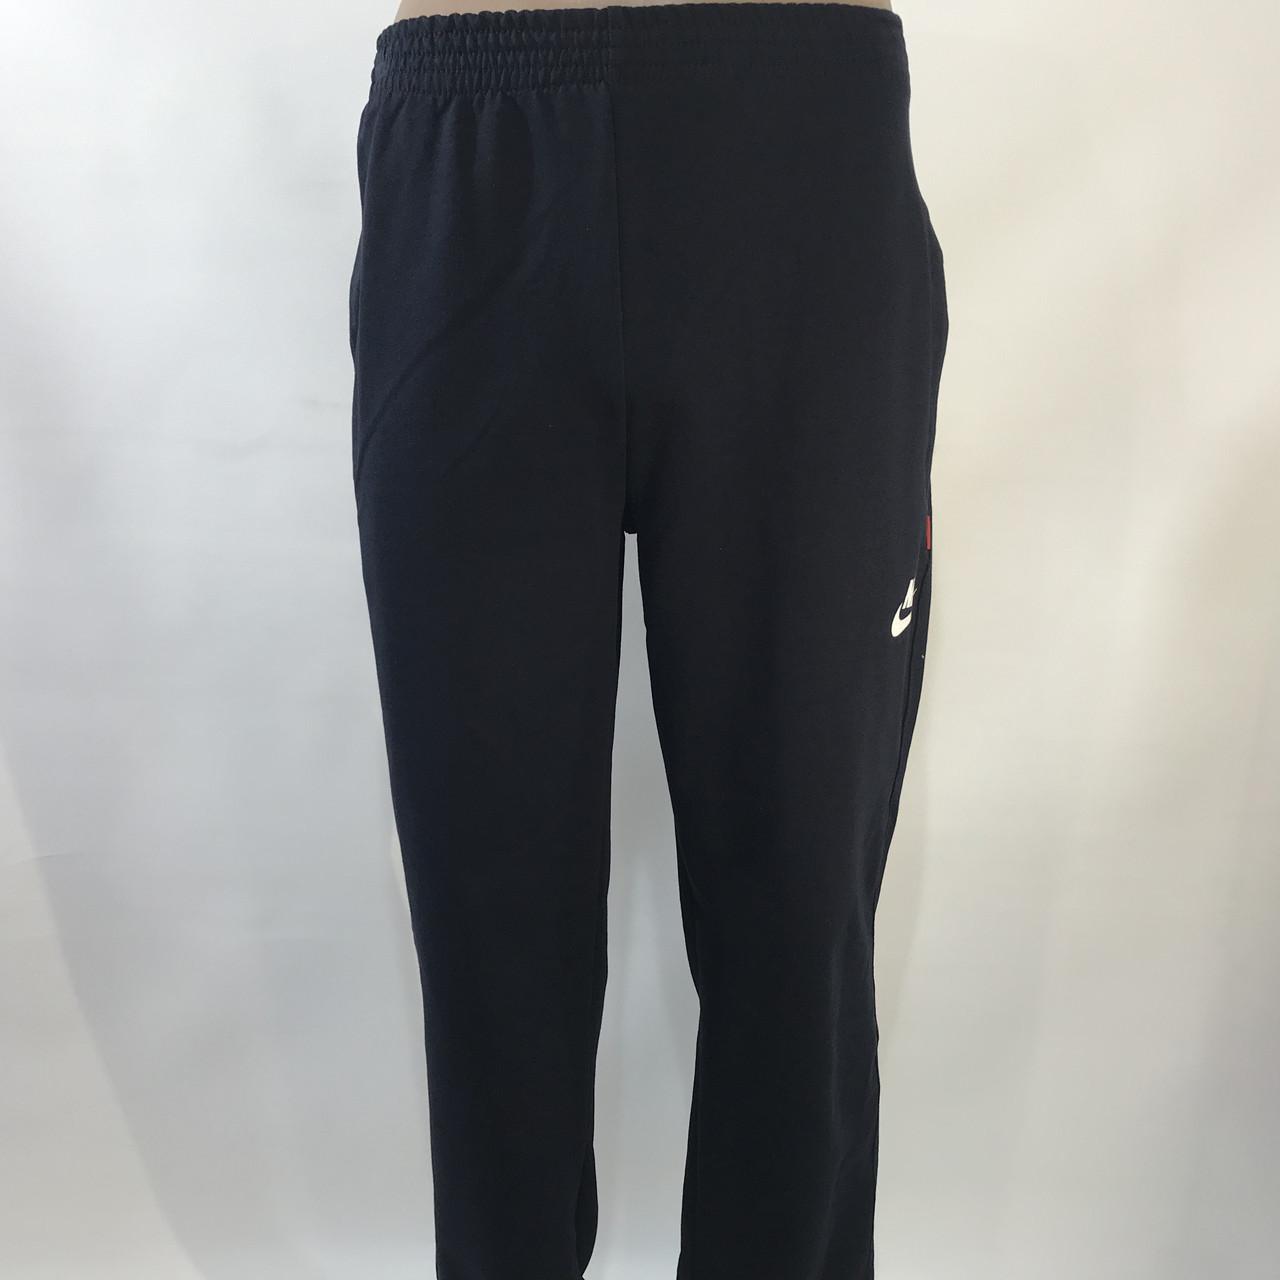 Мужские штаны спортивные в стиле Nike под манжет темно синие 46,48,50,52,54